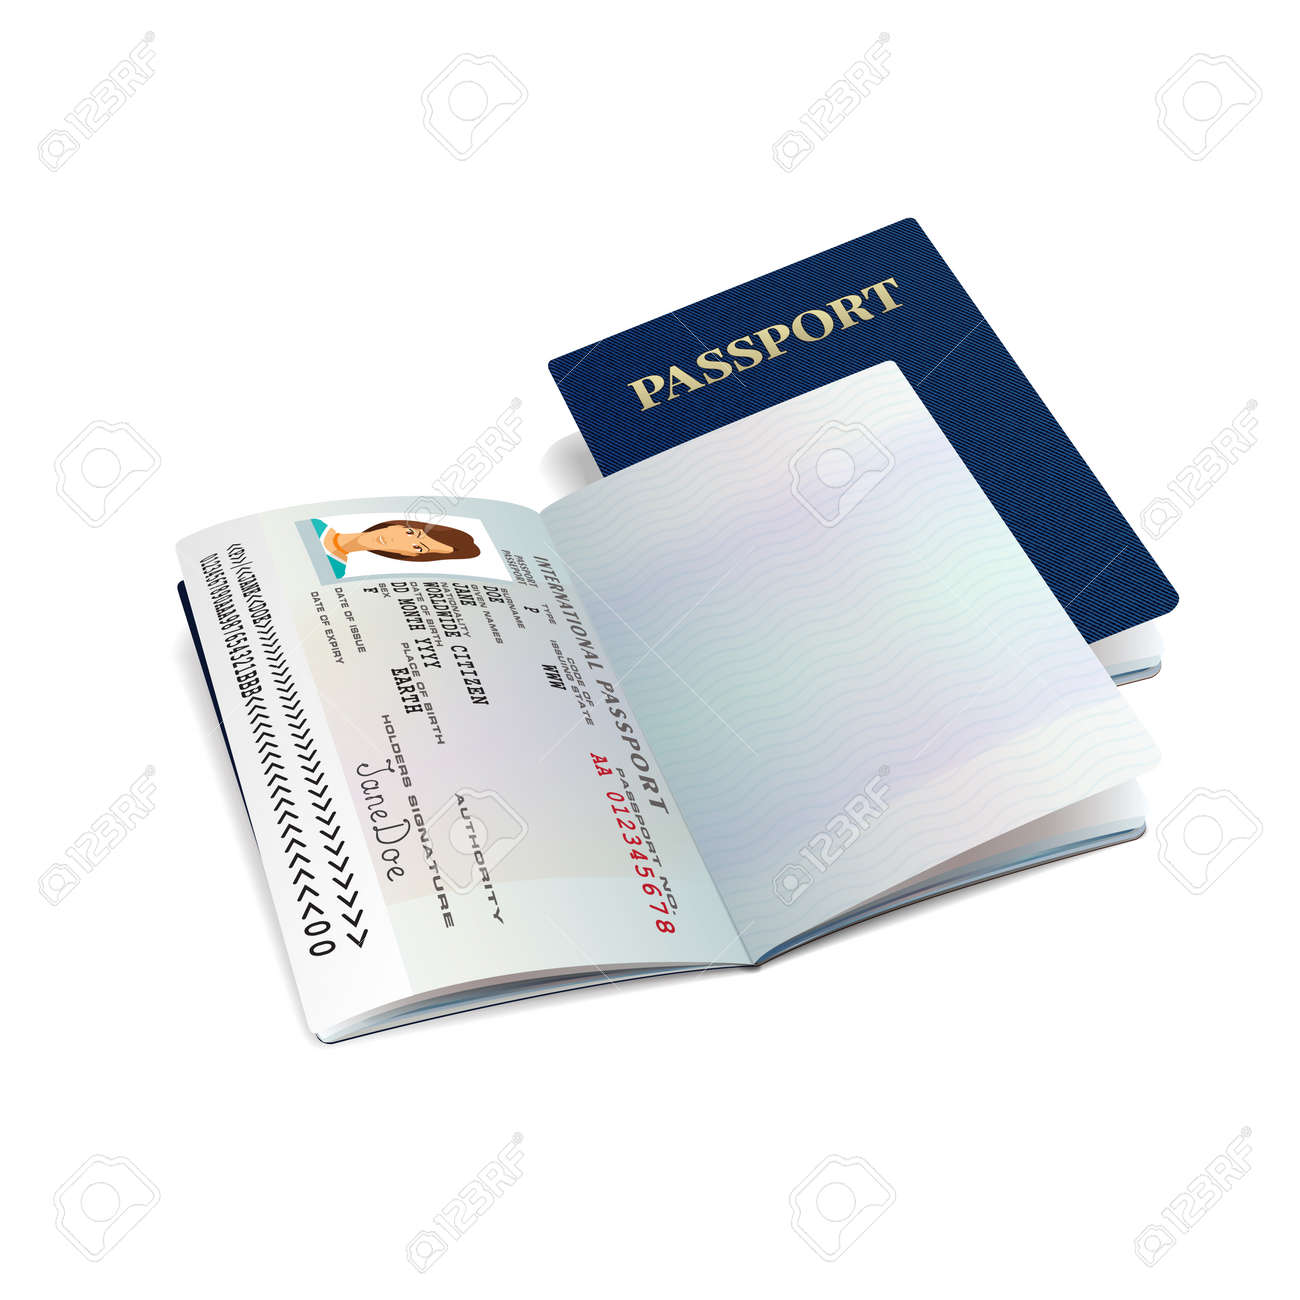 Gemütlich Badezimmer Passvorlage Bilder - Beispiel Business ...